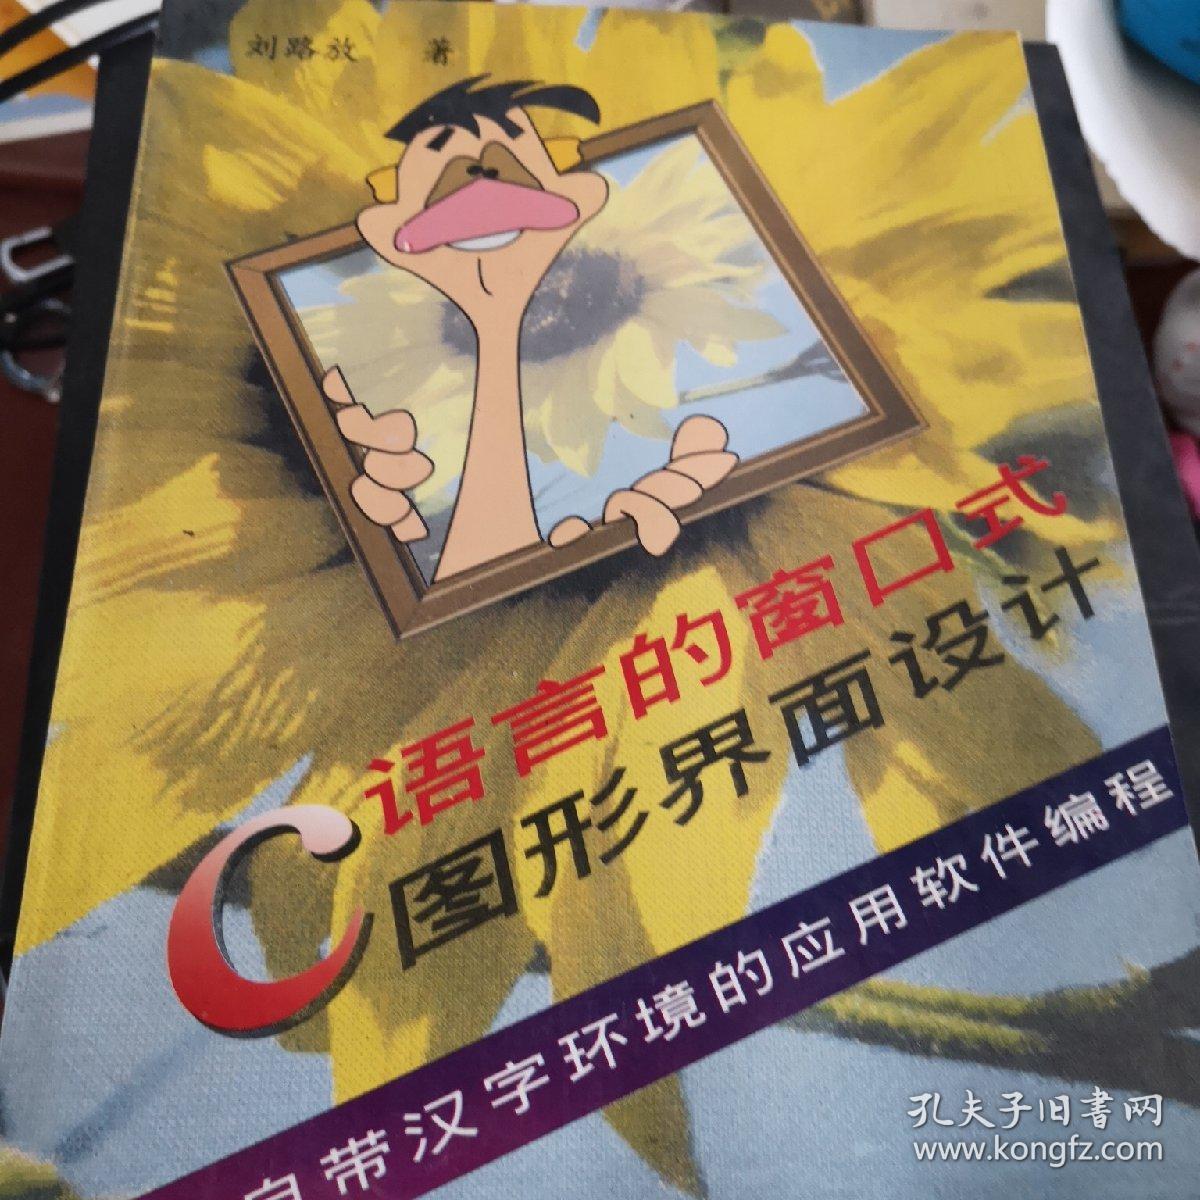 C语言的窗口式图形界面设计:自带汉字环境的应用软件编程